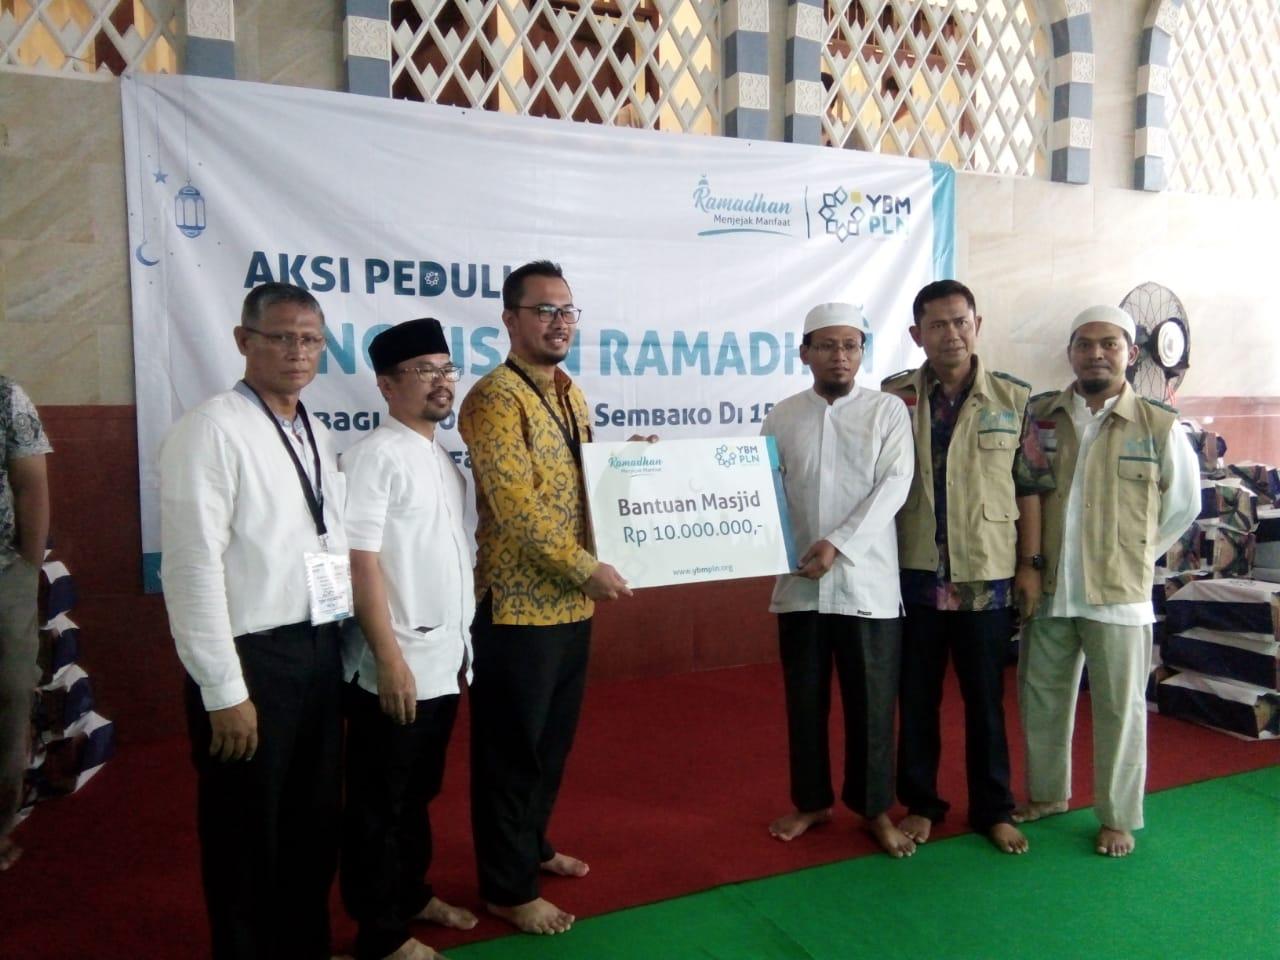 Sambut Ramadhan, PLN Bagikan 30 Ribu Paket Sembako. (FOTO : Iwan/Pojoksatu)